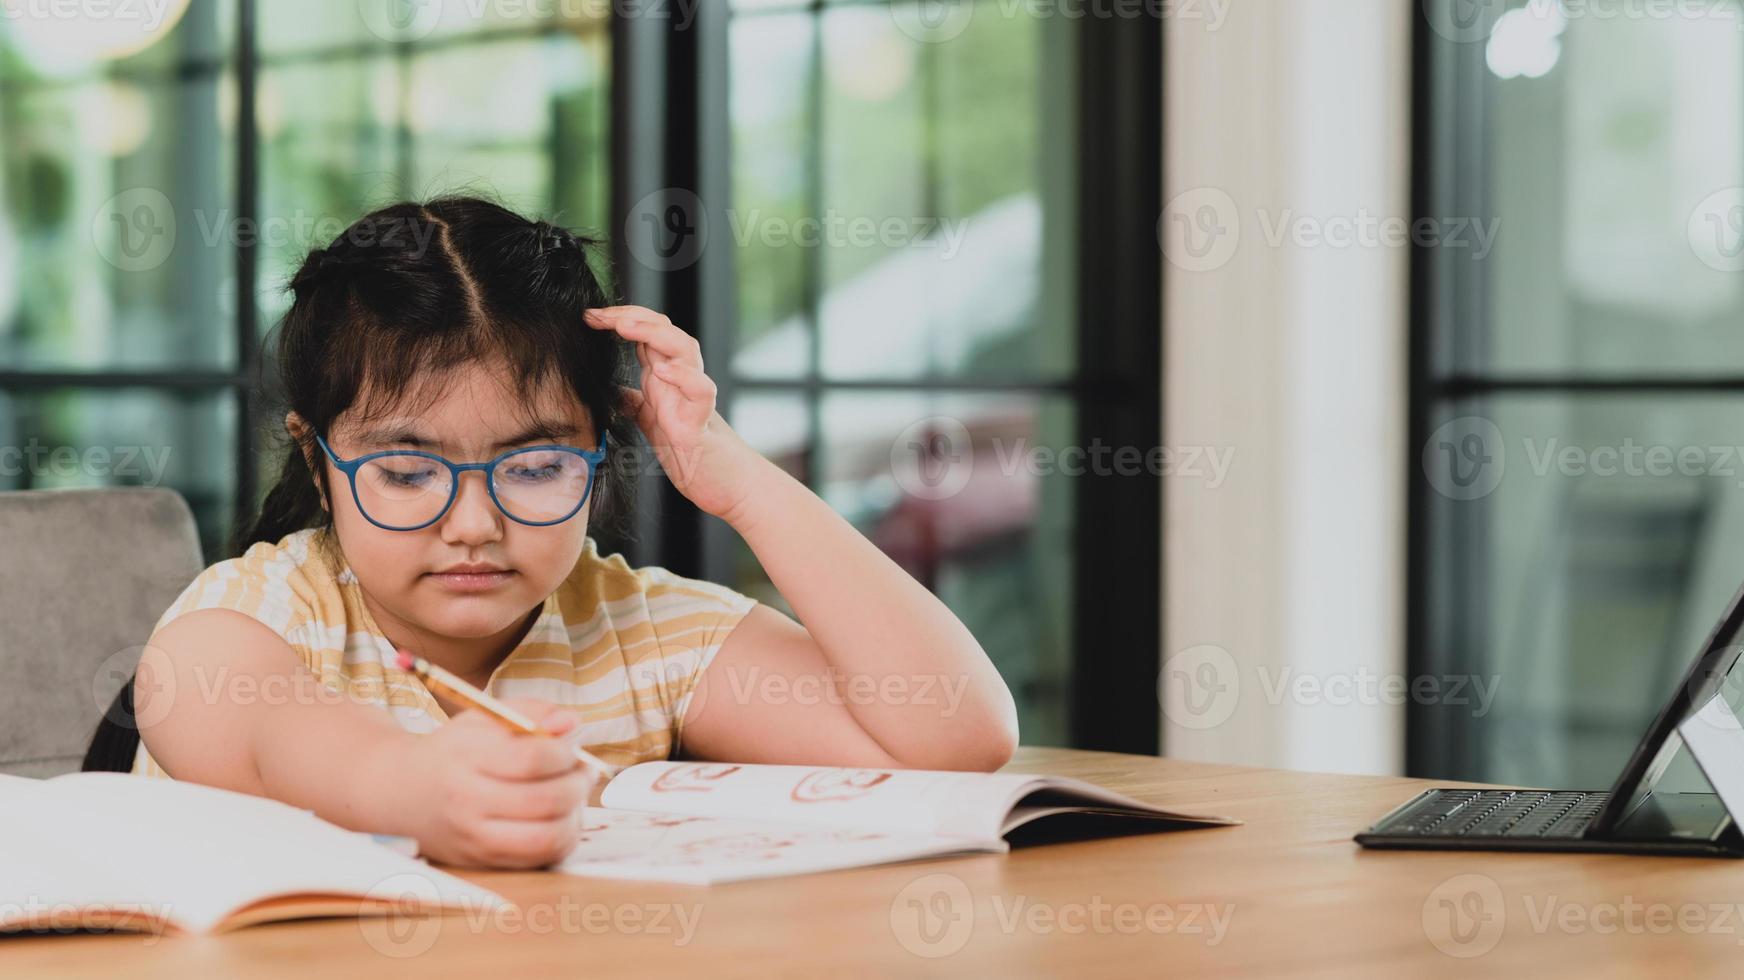 Ein Mädchen mit Brille zeichnet in ein Notizbuch mit einem Tablet. foto